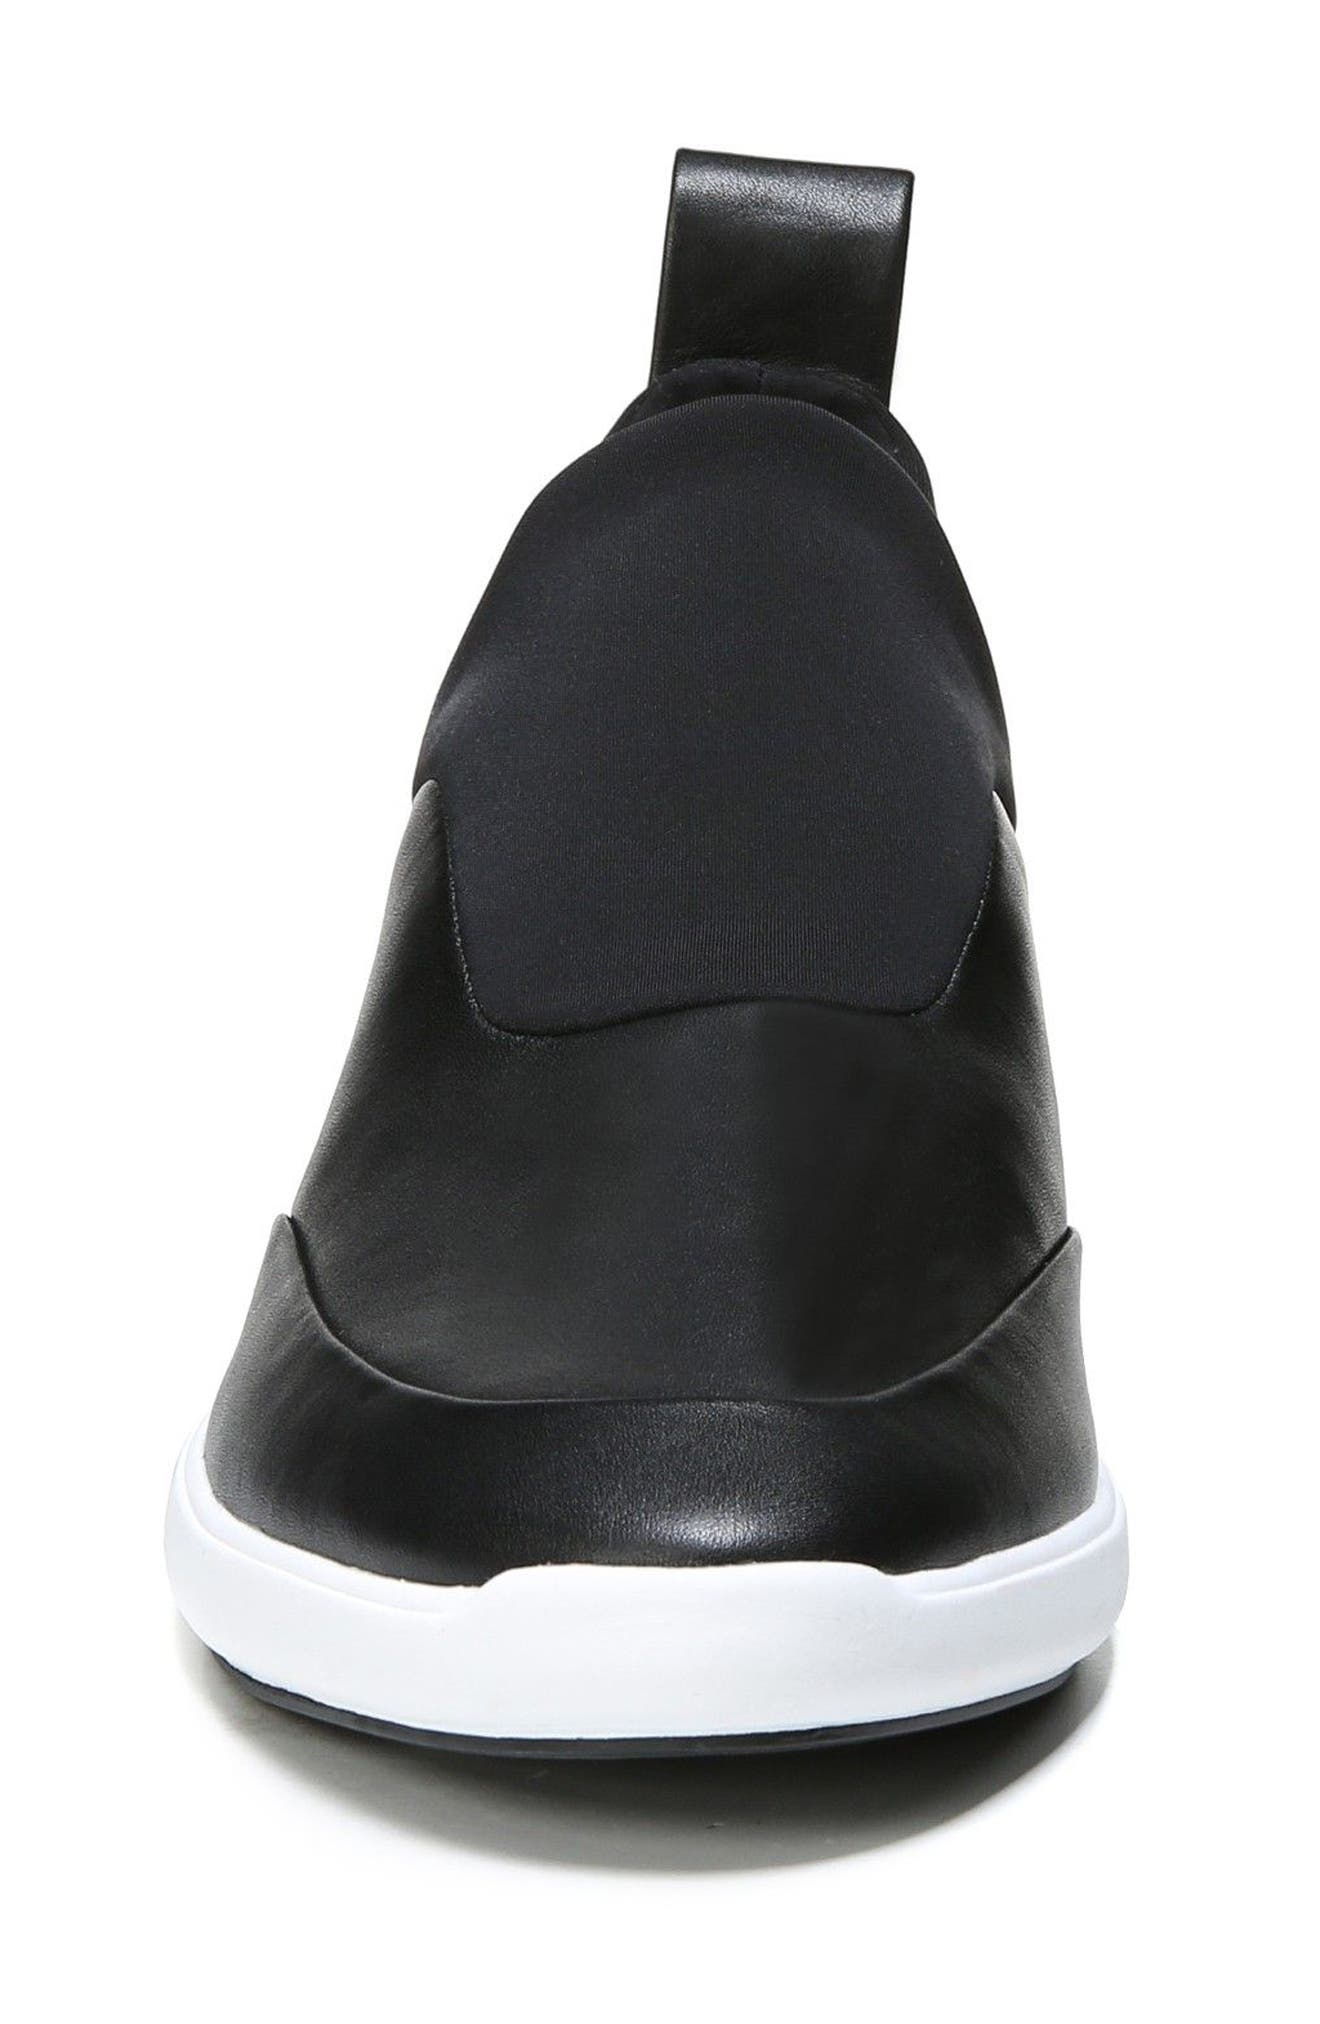 Mercer Slip-On Sneaker,                             Alternate thumbnail 4, color,                             Black Leather